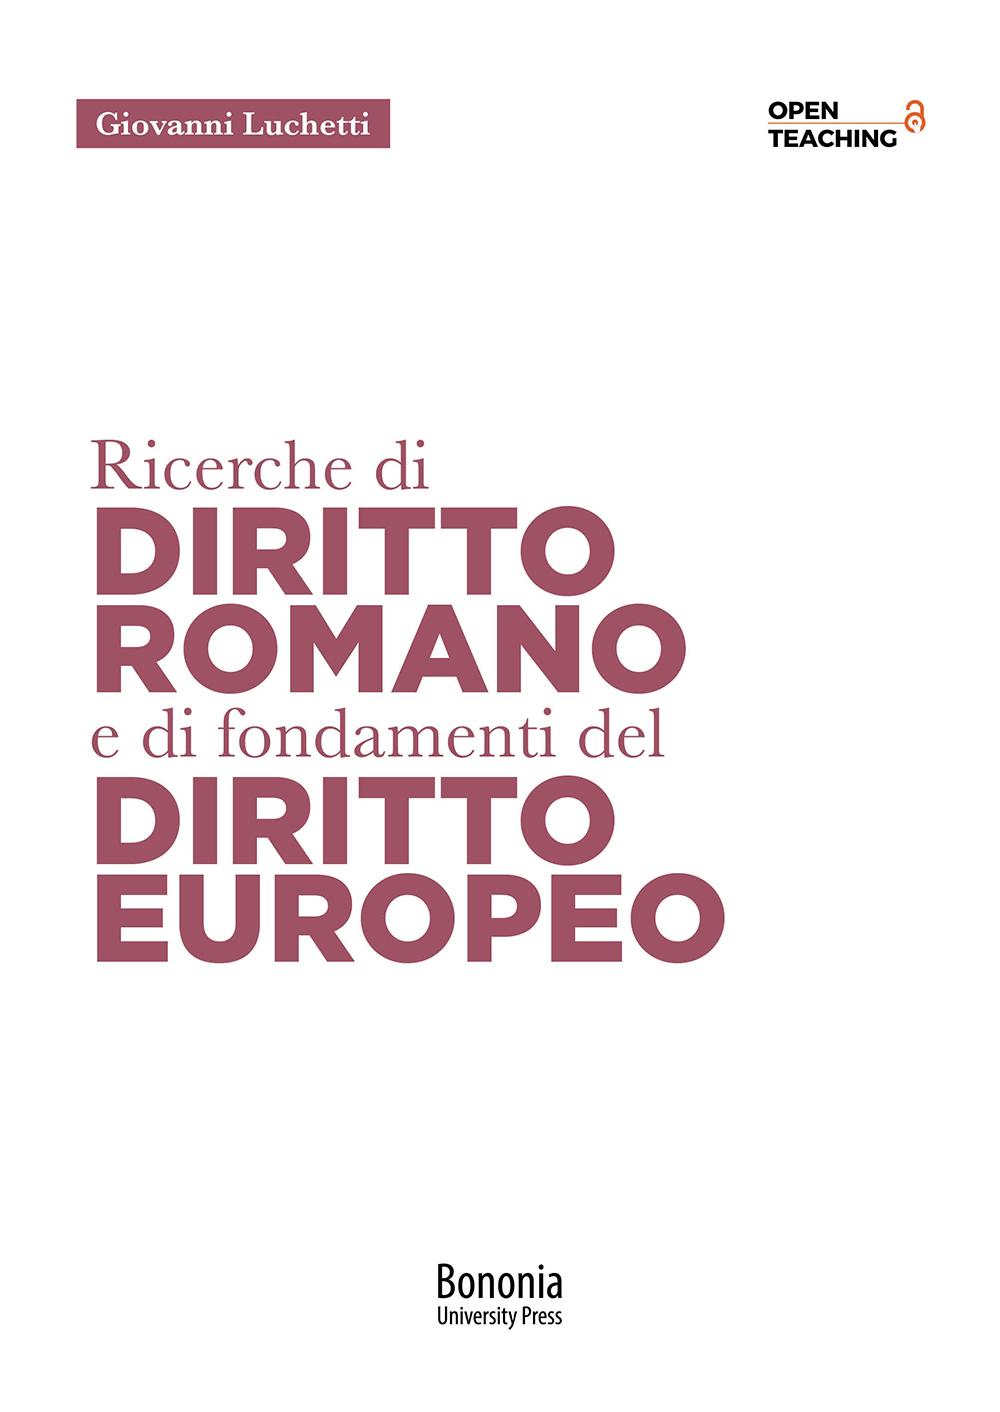 Ricerche di diritto romano e di fondamenti di diritto europeo - Bononia University Press